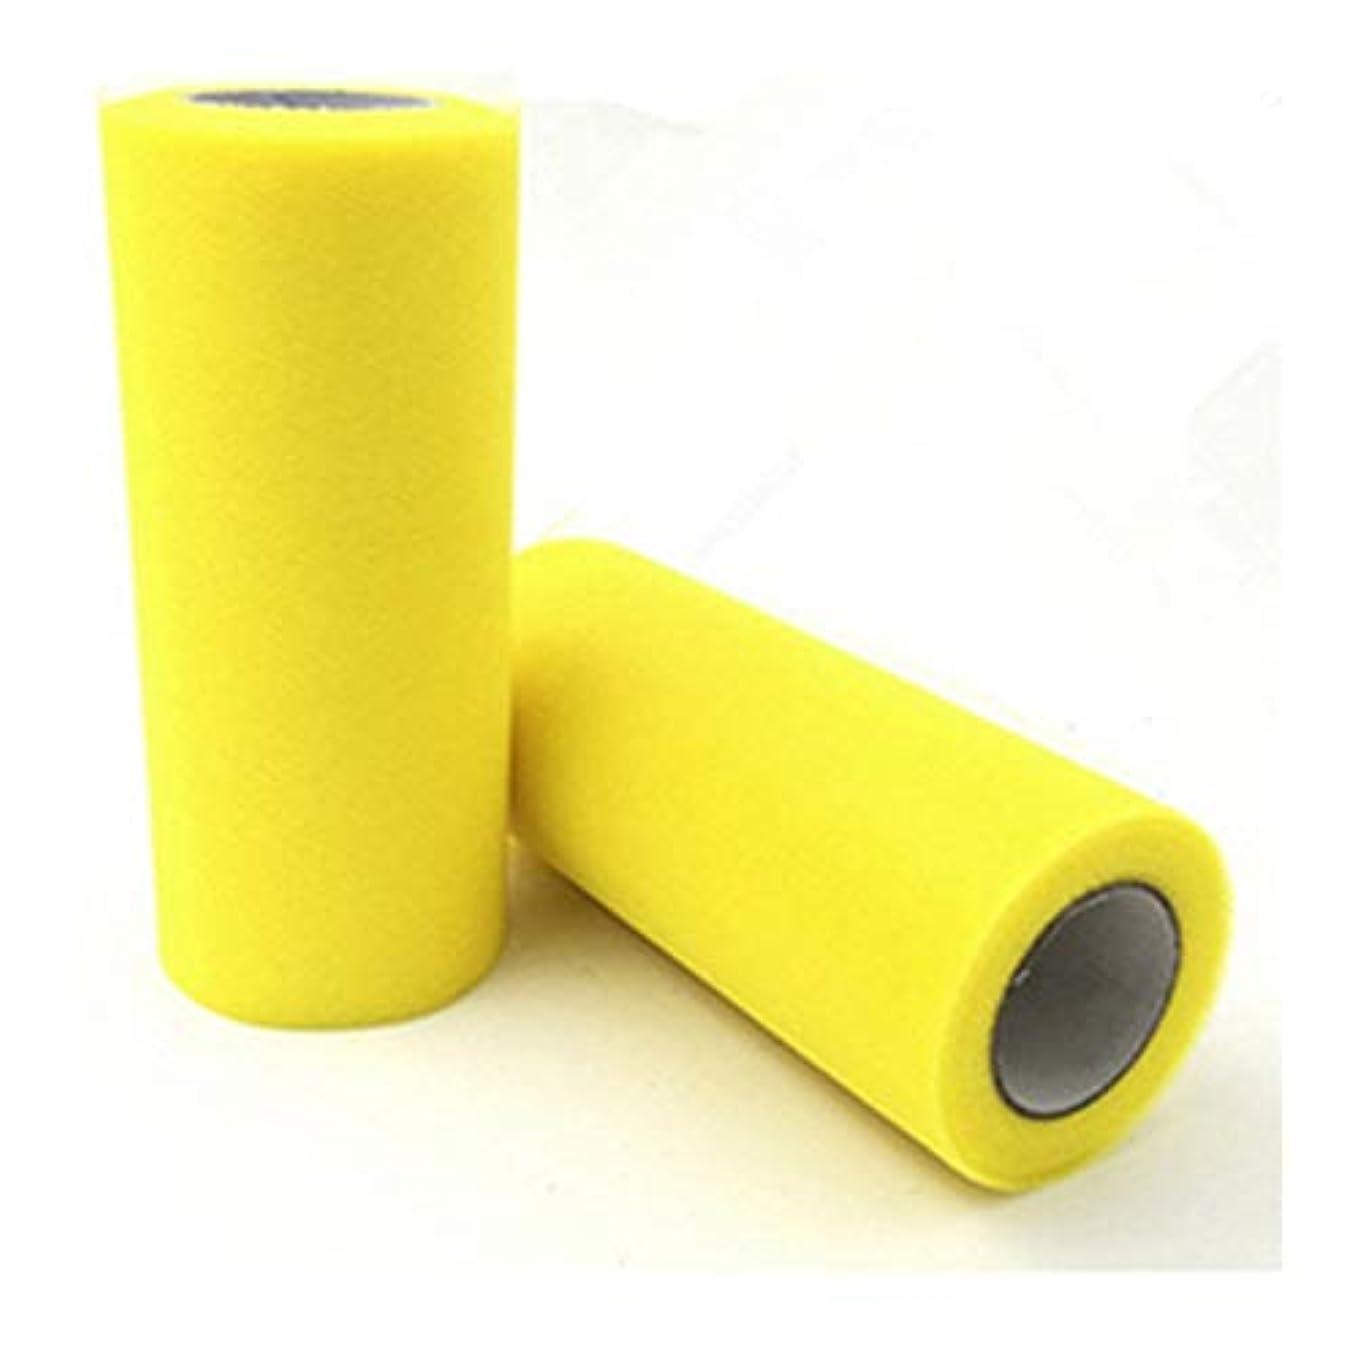 キロメートルメジャーそうでなければMIYU チュールロールオーガンザファブリックスプールチュチュ誕生日ギフトウェディングパーティーの装飾マリアージュサプライ子供の好意 (Color : Yellow)